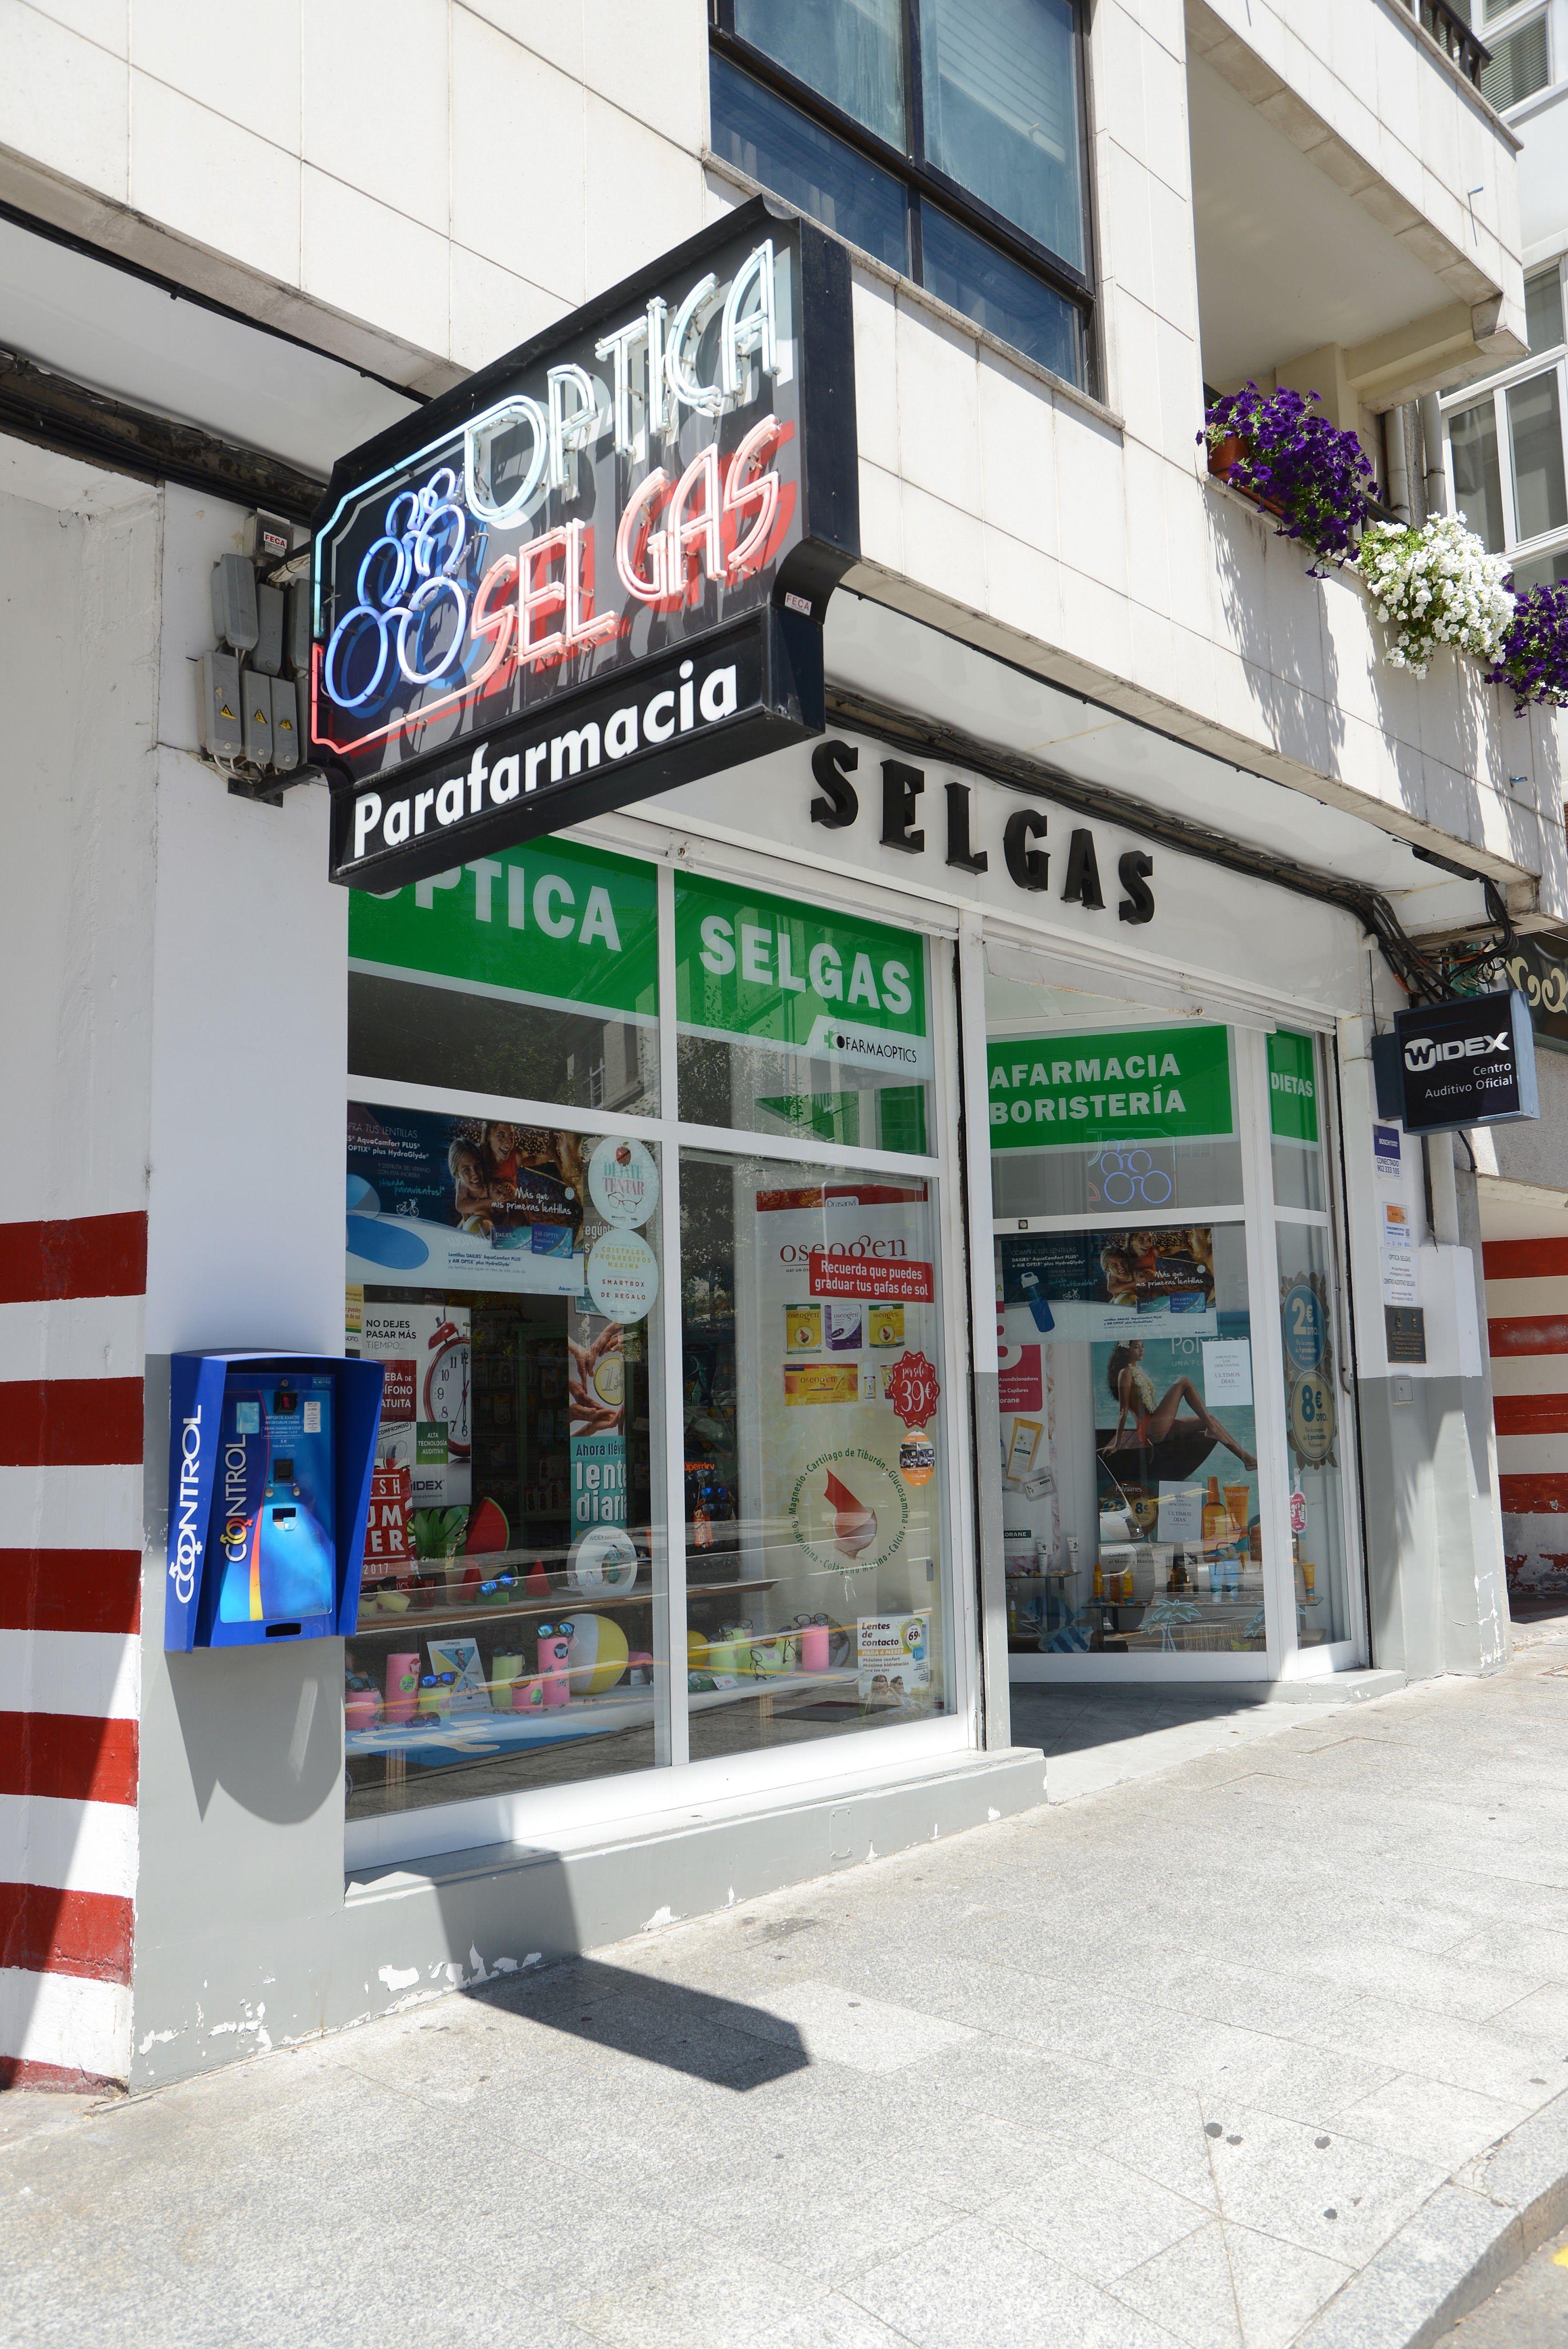 Foto 4 de Centro óptico con servicios de parafarmacia en Betanzos | Óptica Selgas